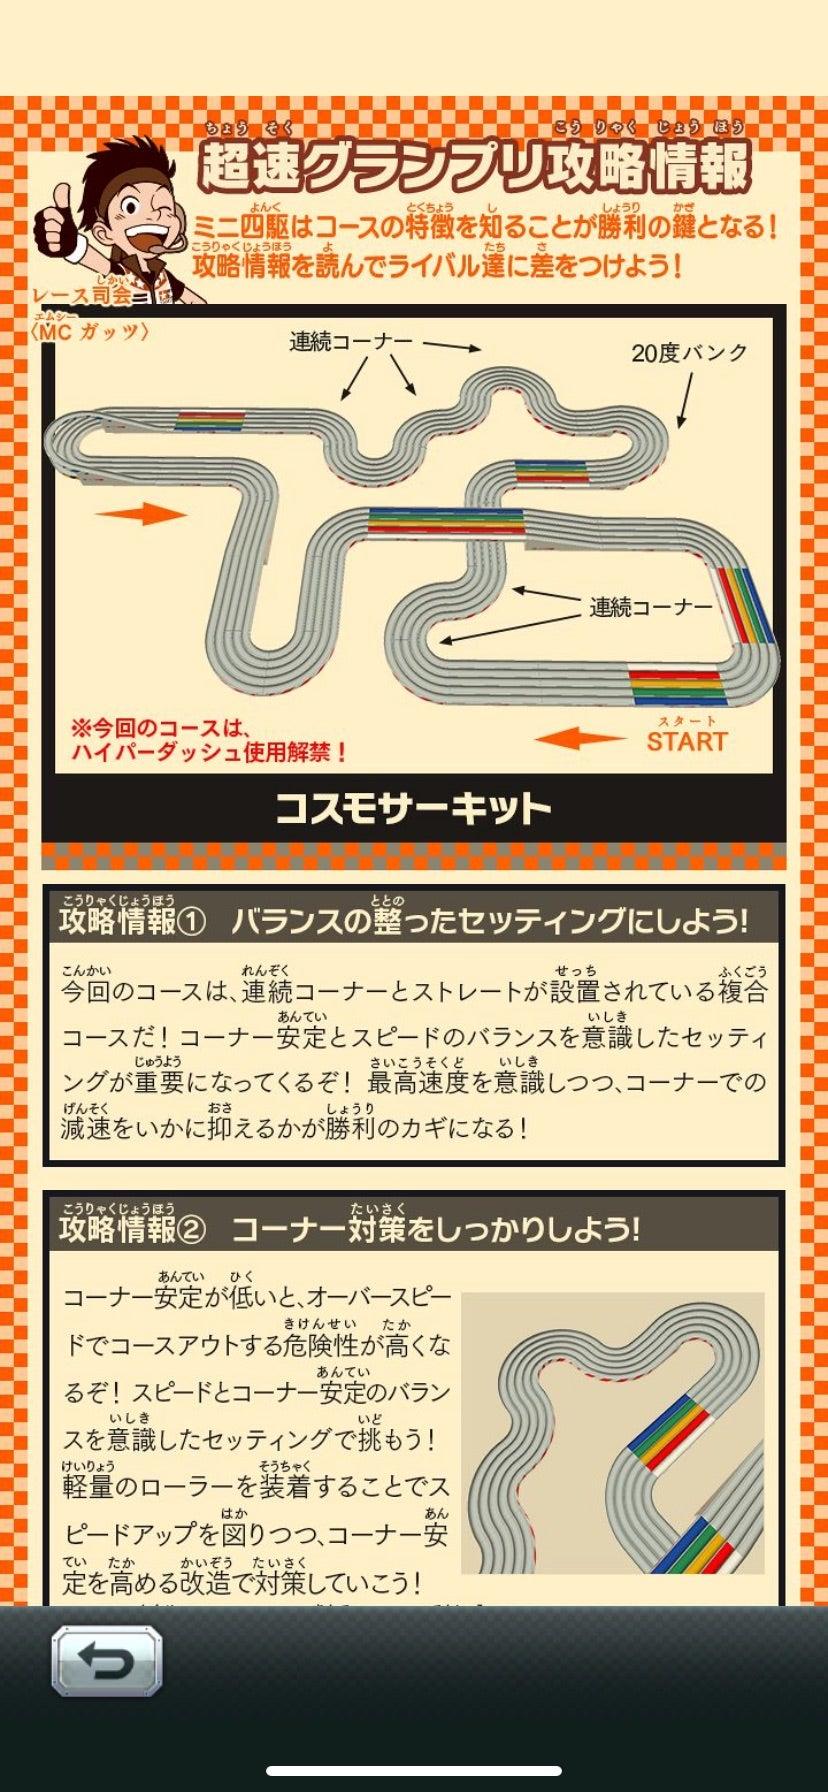 グランプリ ダッシュ 超速 ハイパー